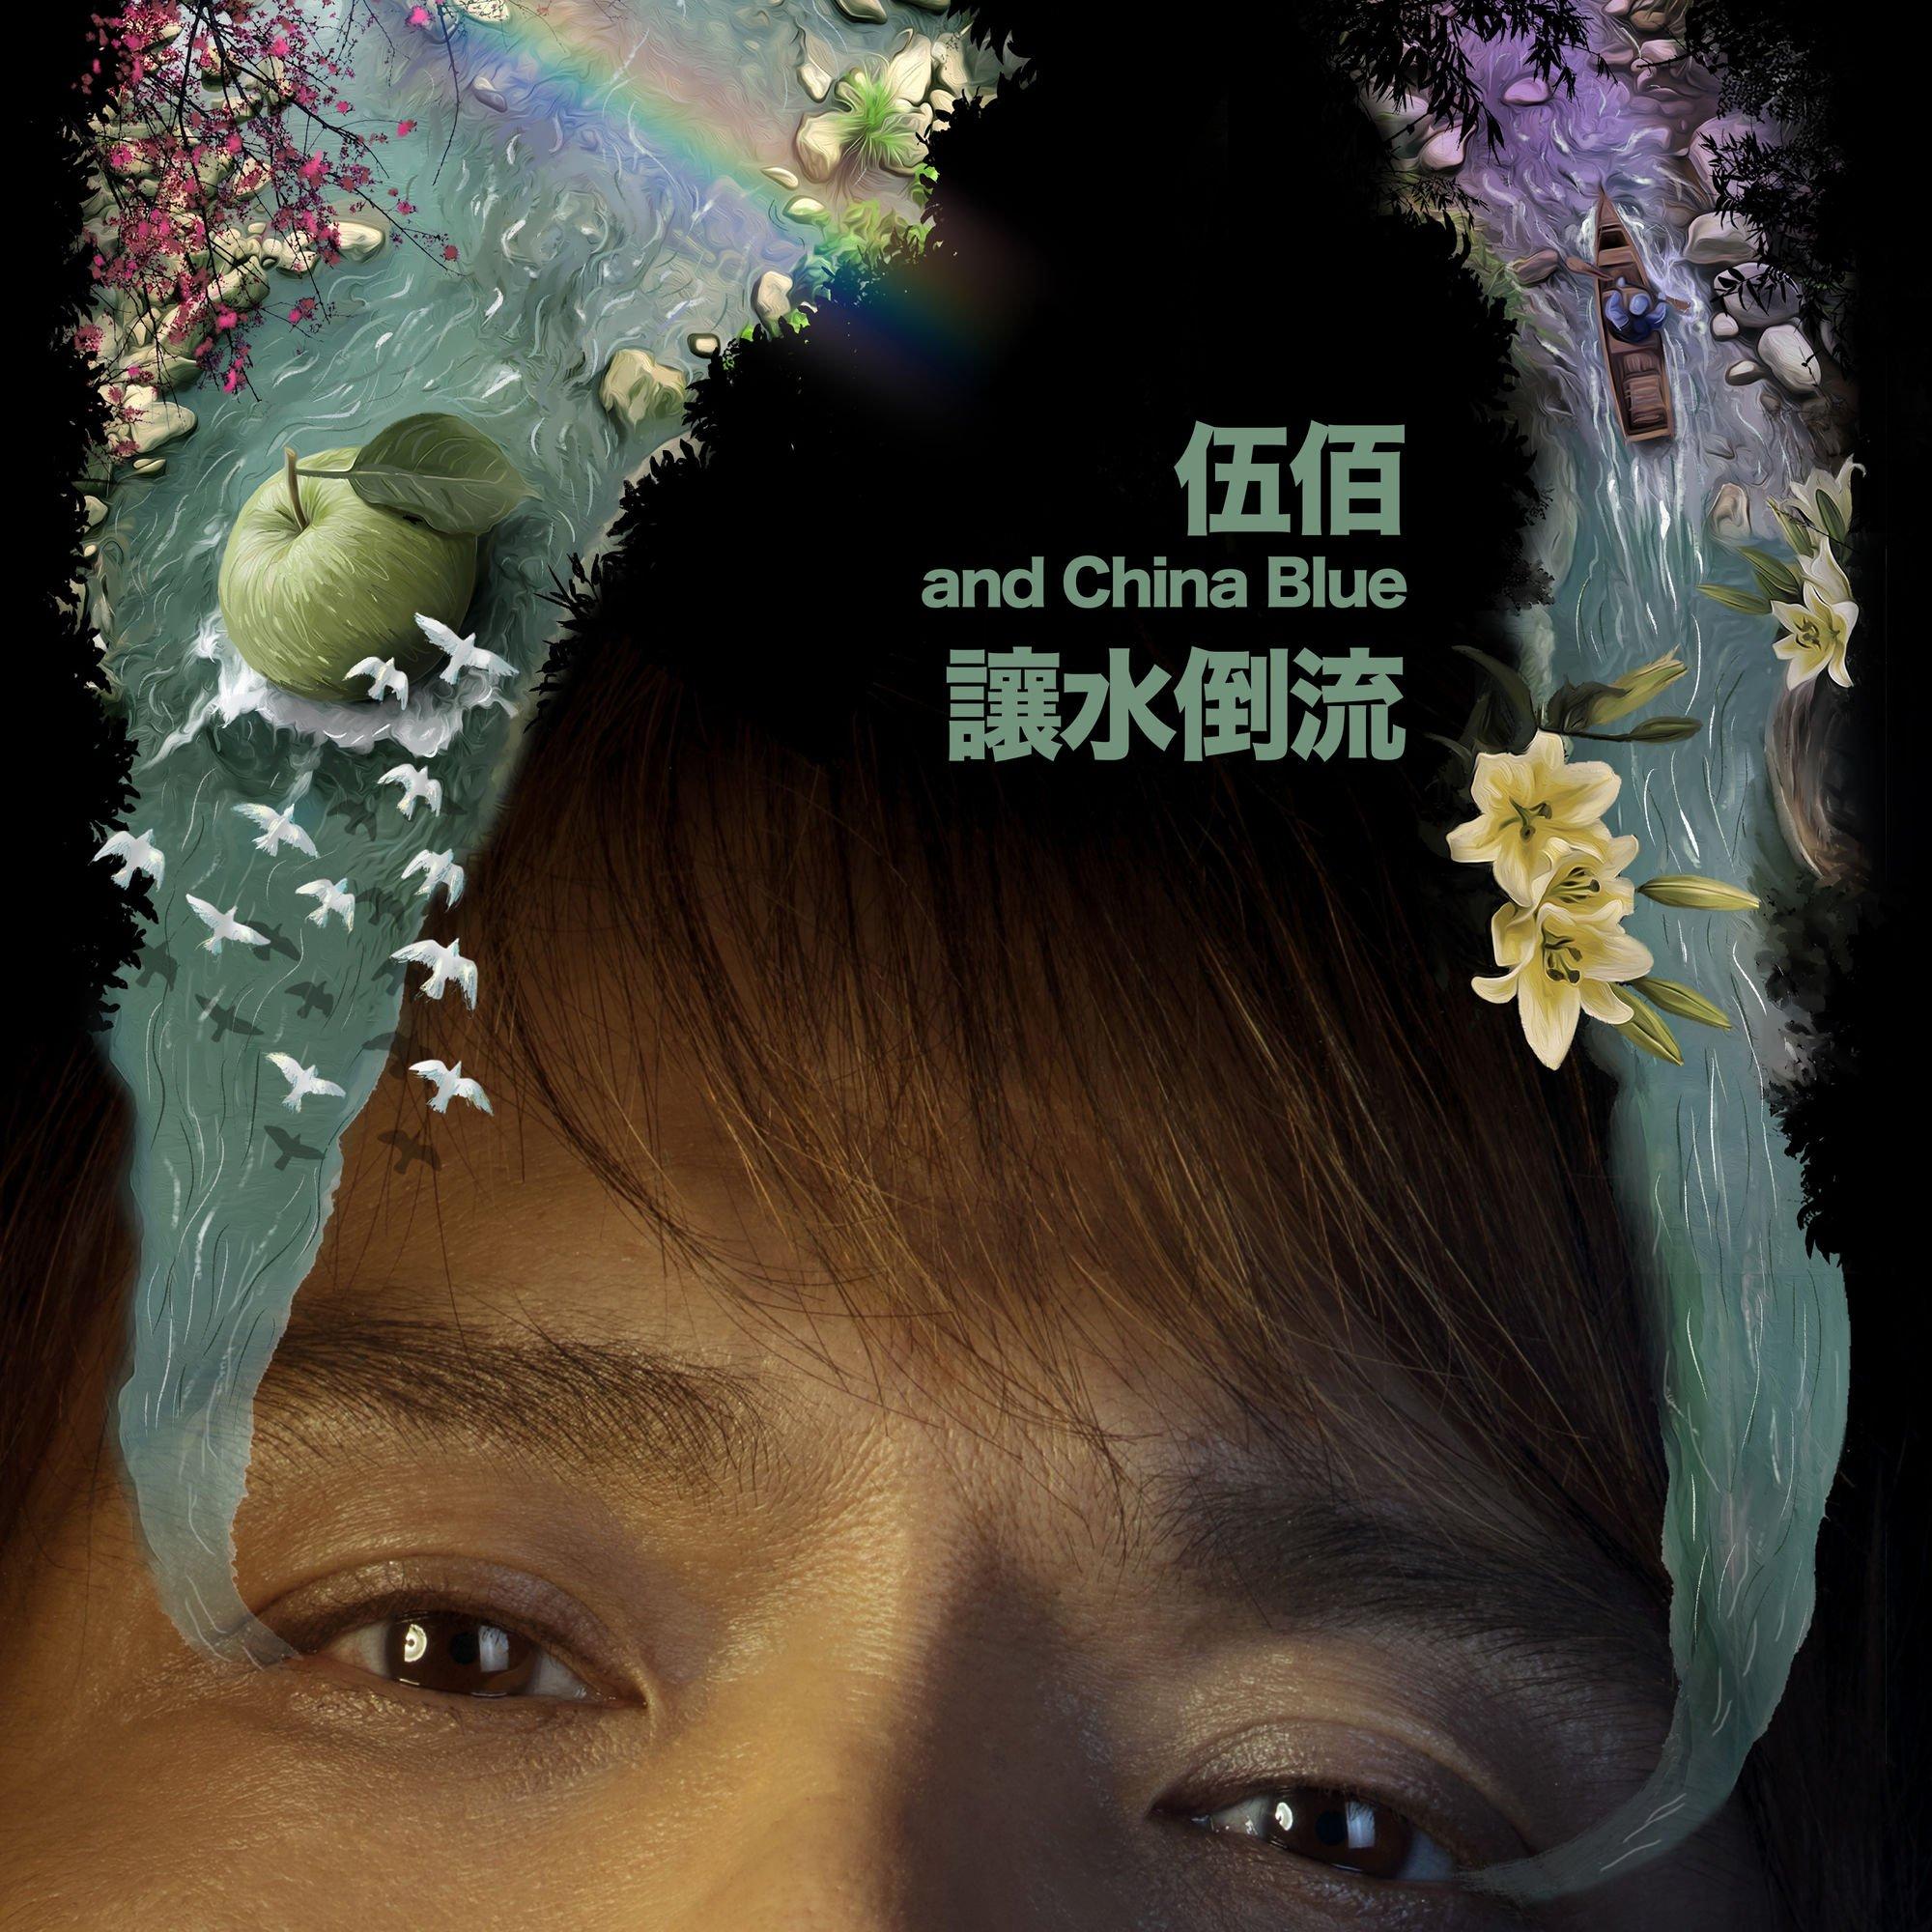 樂評:讓愛順流/伍佰 & China Blue《讓水倒流》(2019)